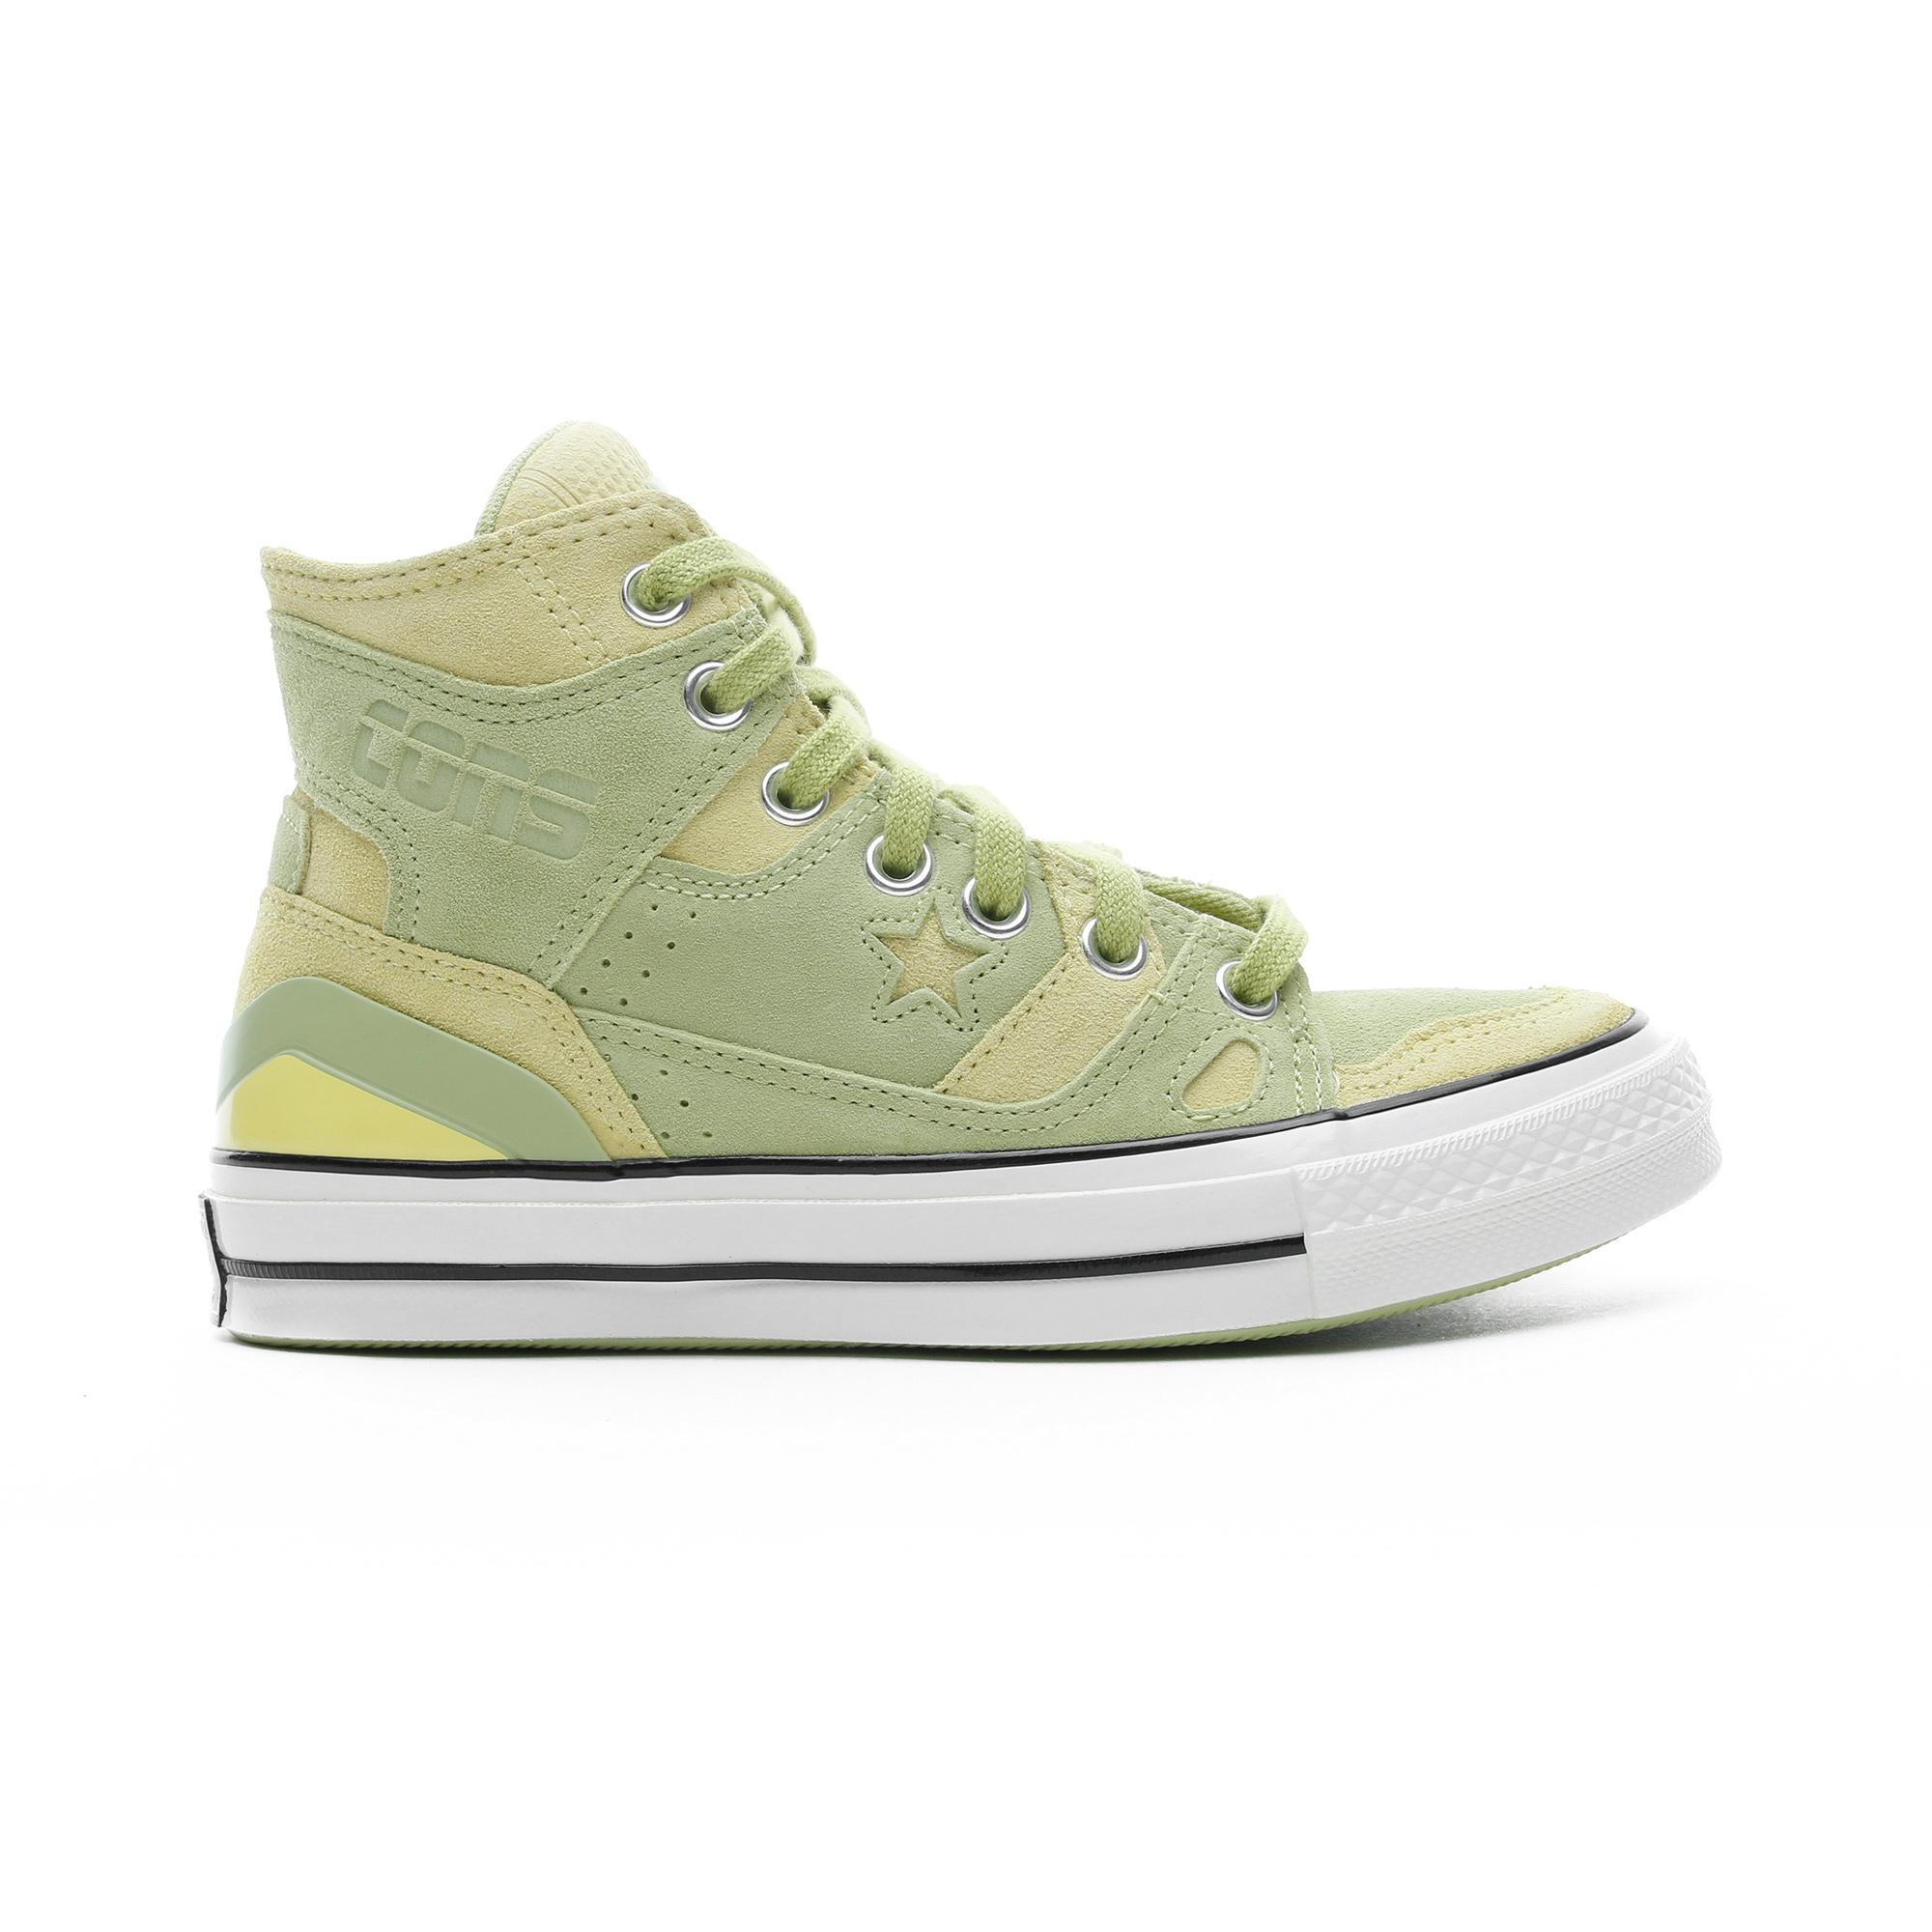 Converse x Earth Tone Chuck 70 E260 Hi Unisex Sarı Sneaker